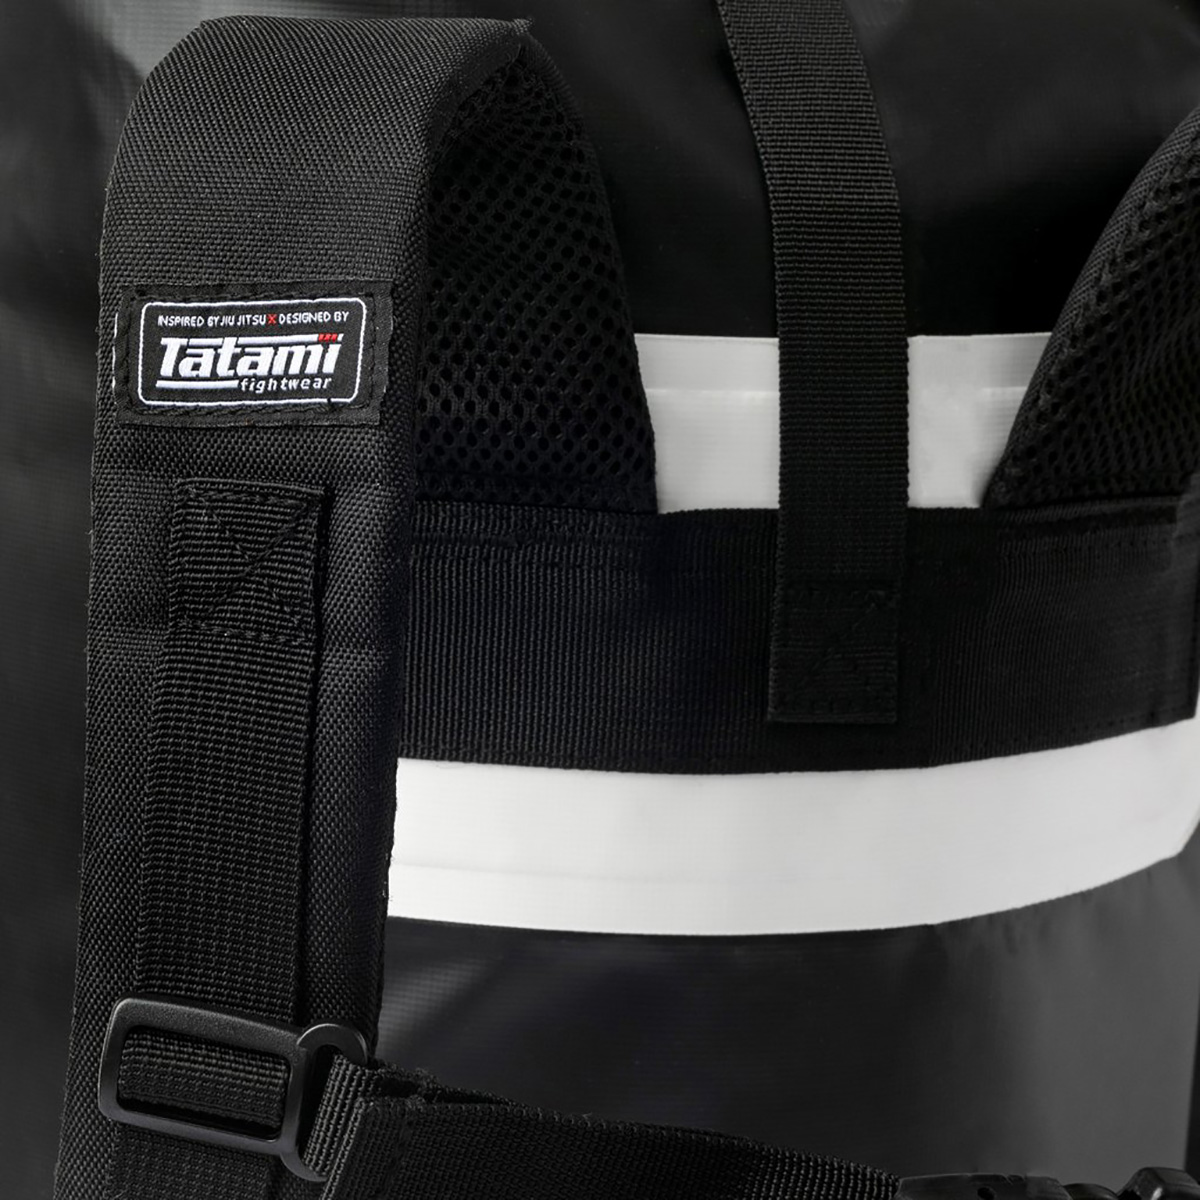 thumbnail 17 - Tatami-Fightwear-30L-Dry-Tech-Gear-Bag